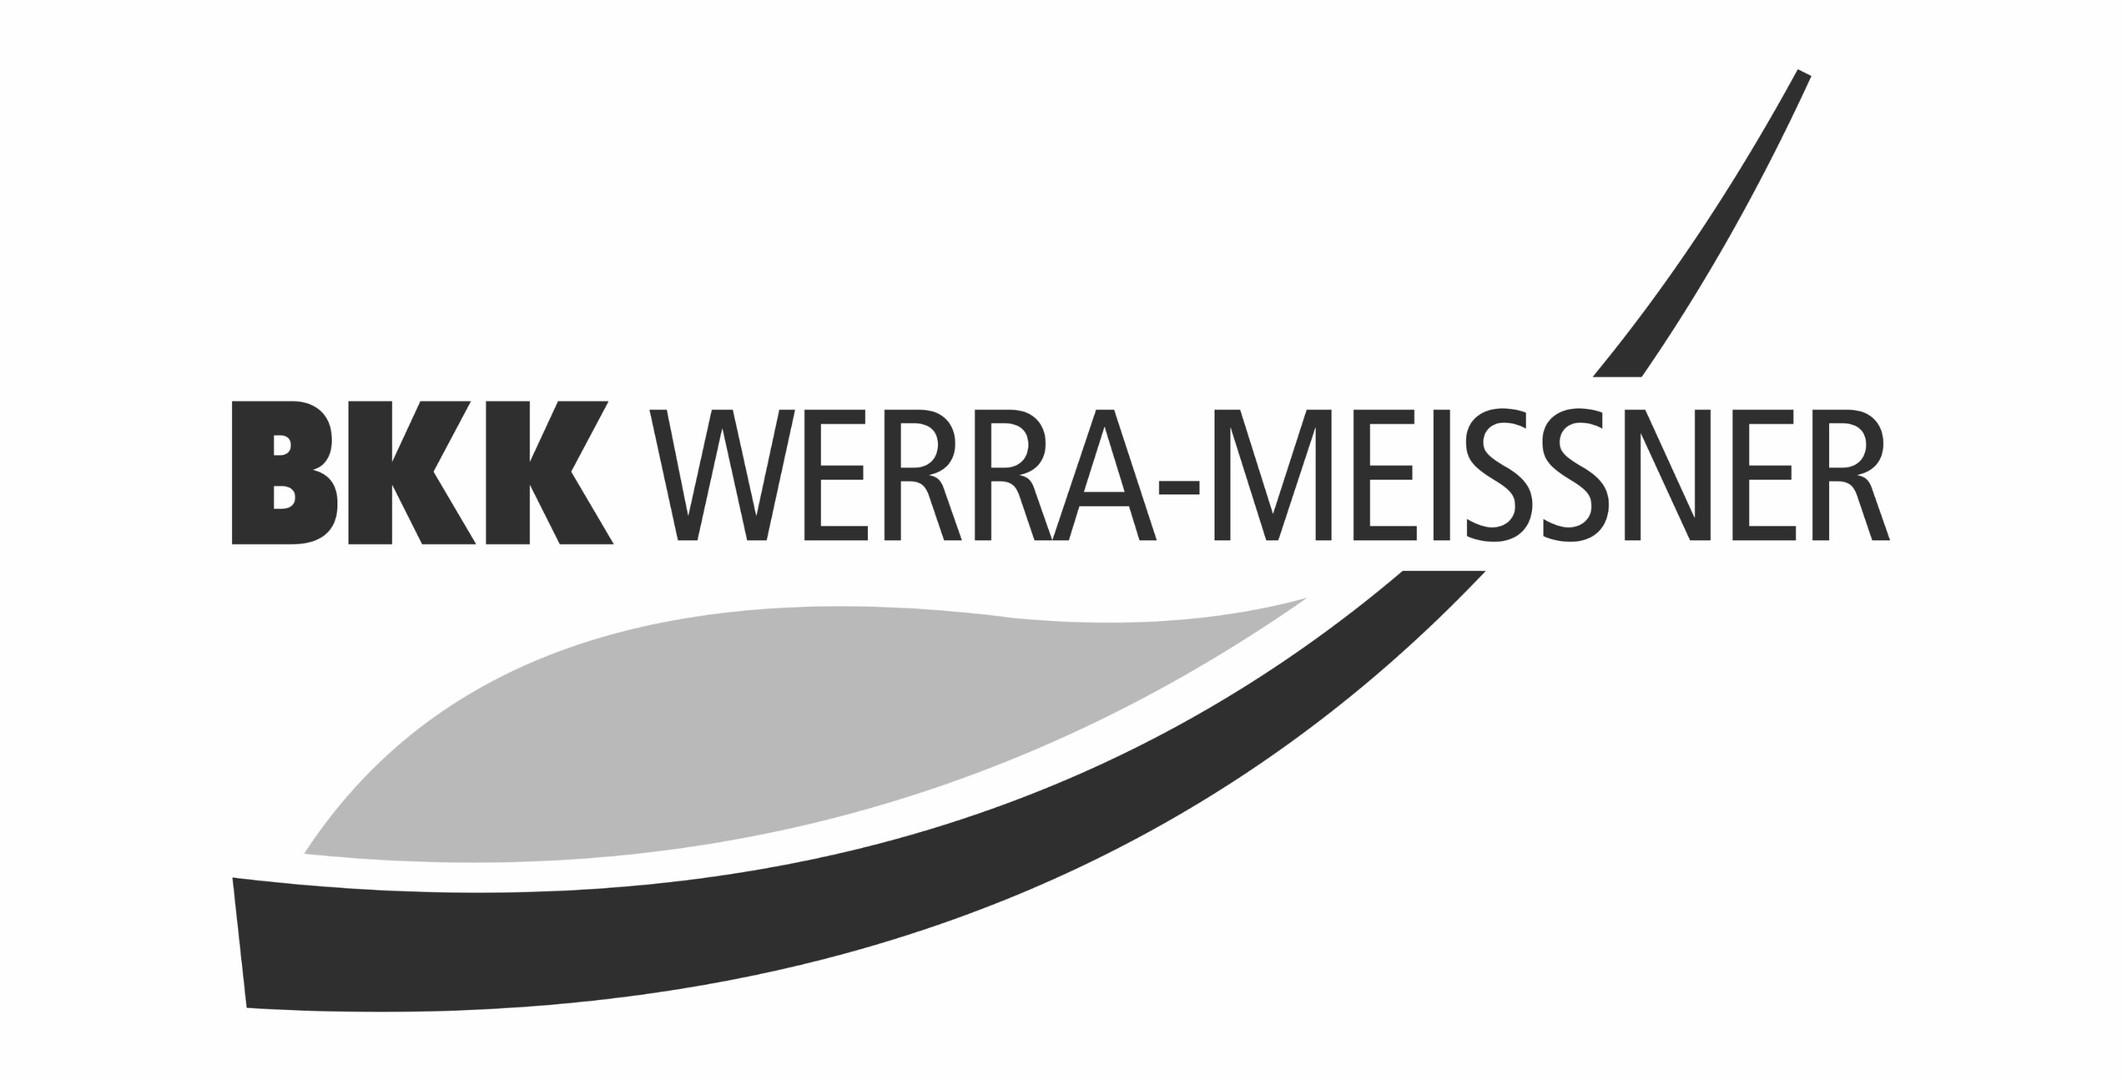 bkk-werra-meissner_edited.jpg